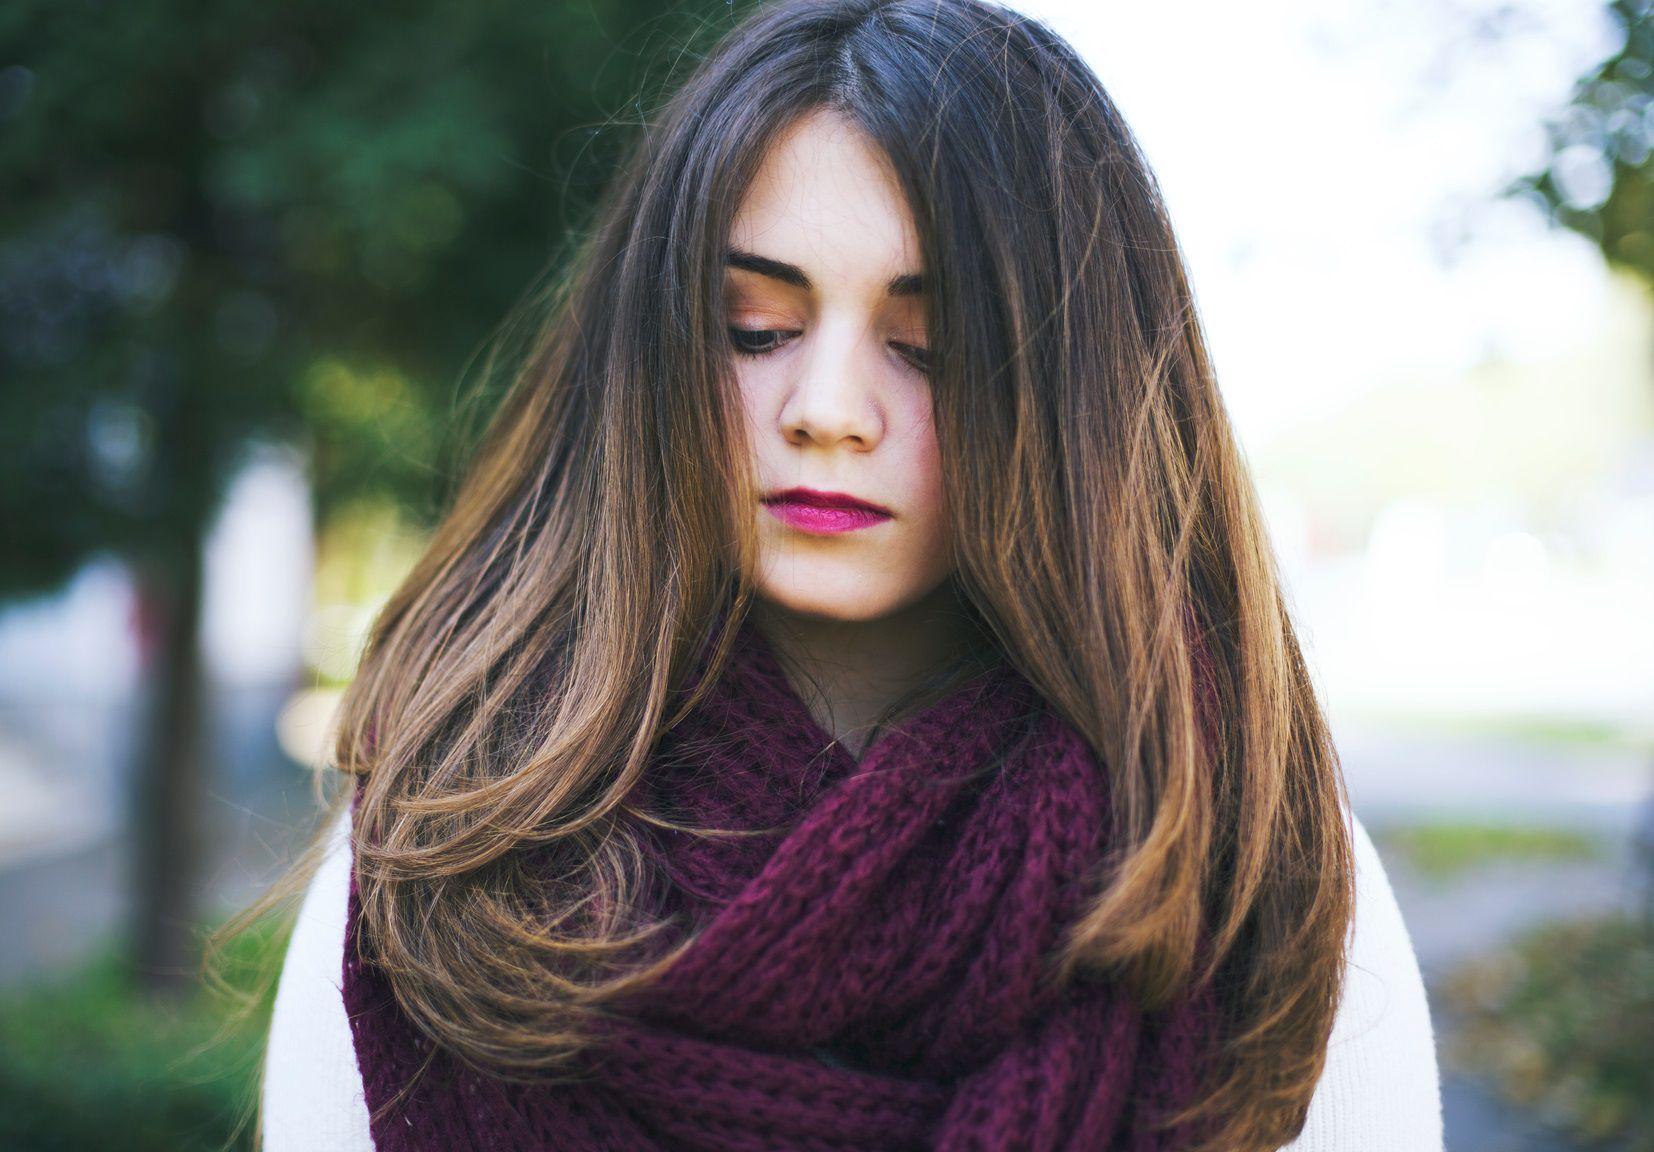 Jeune femme avec un magnifique balayage miel sur cheveux bruns et une écharpe violette